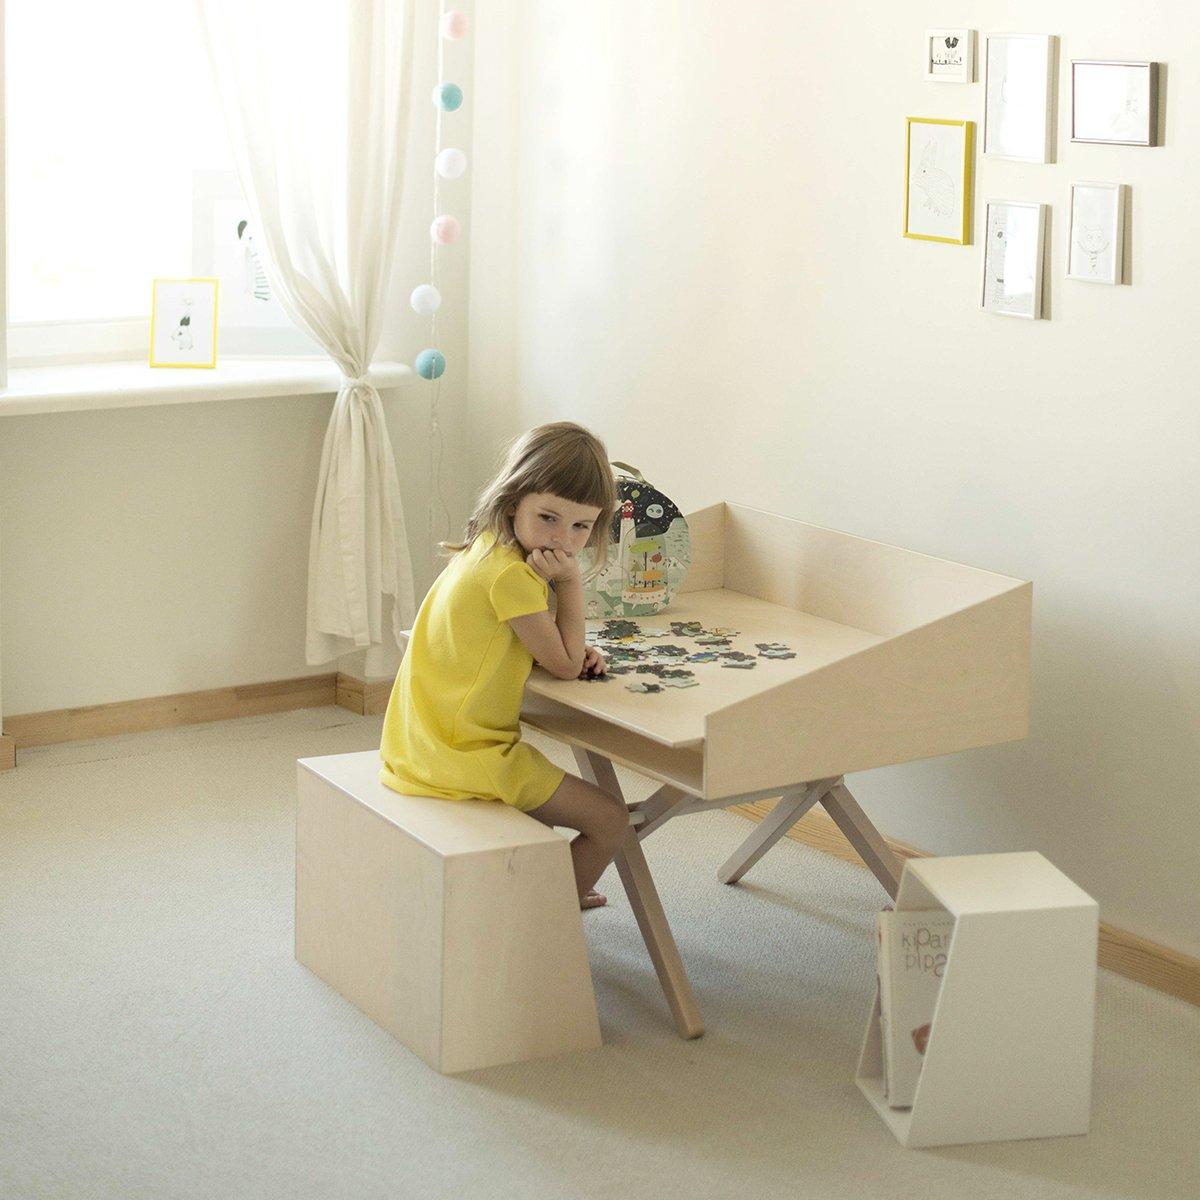 SO:LO nowoczesny mebel dziecięcy